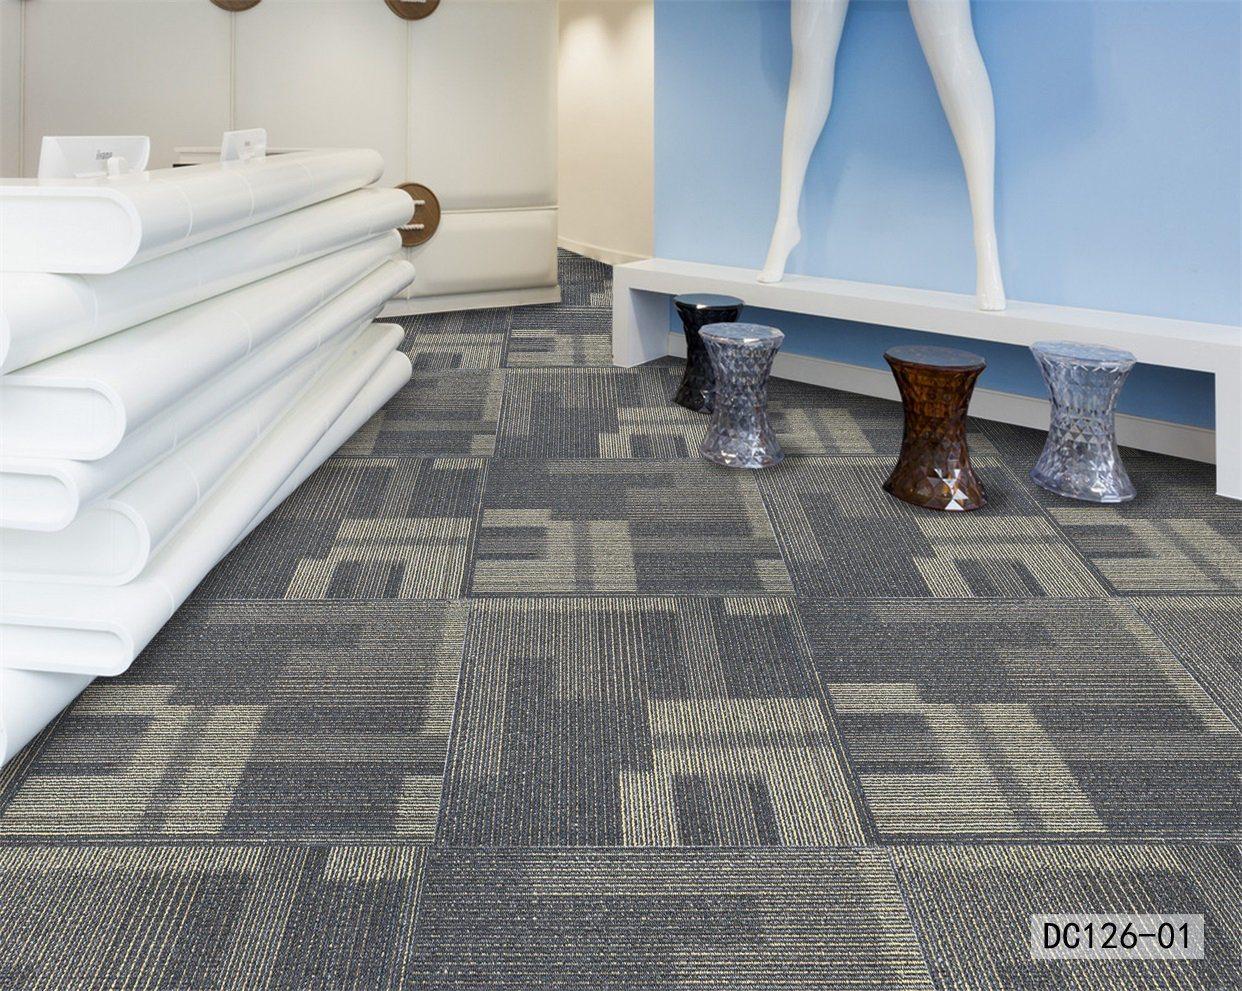 Image of: China Dc126 Commercial Hotel Home Office Carpet Tiles Nylon Pet Pp Modern Carpet Pp Surface Bitumen Backing China Commercial Carpet Tiles And Office Carpet Tiles Price